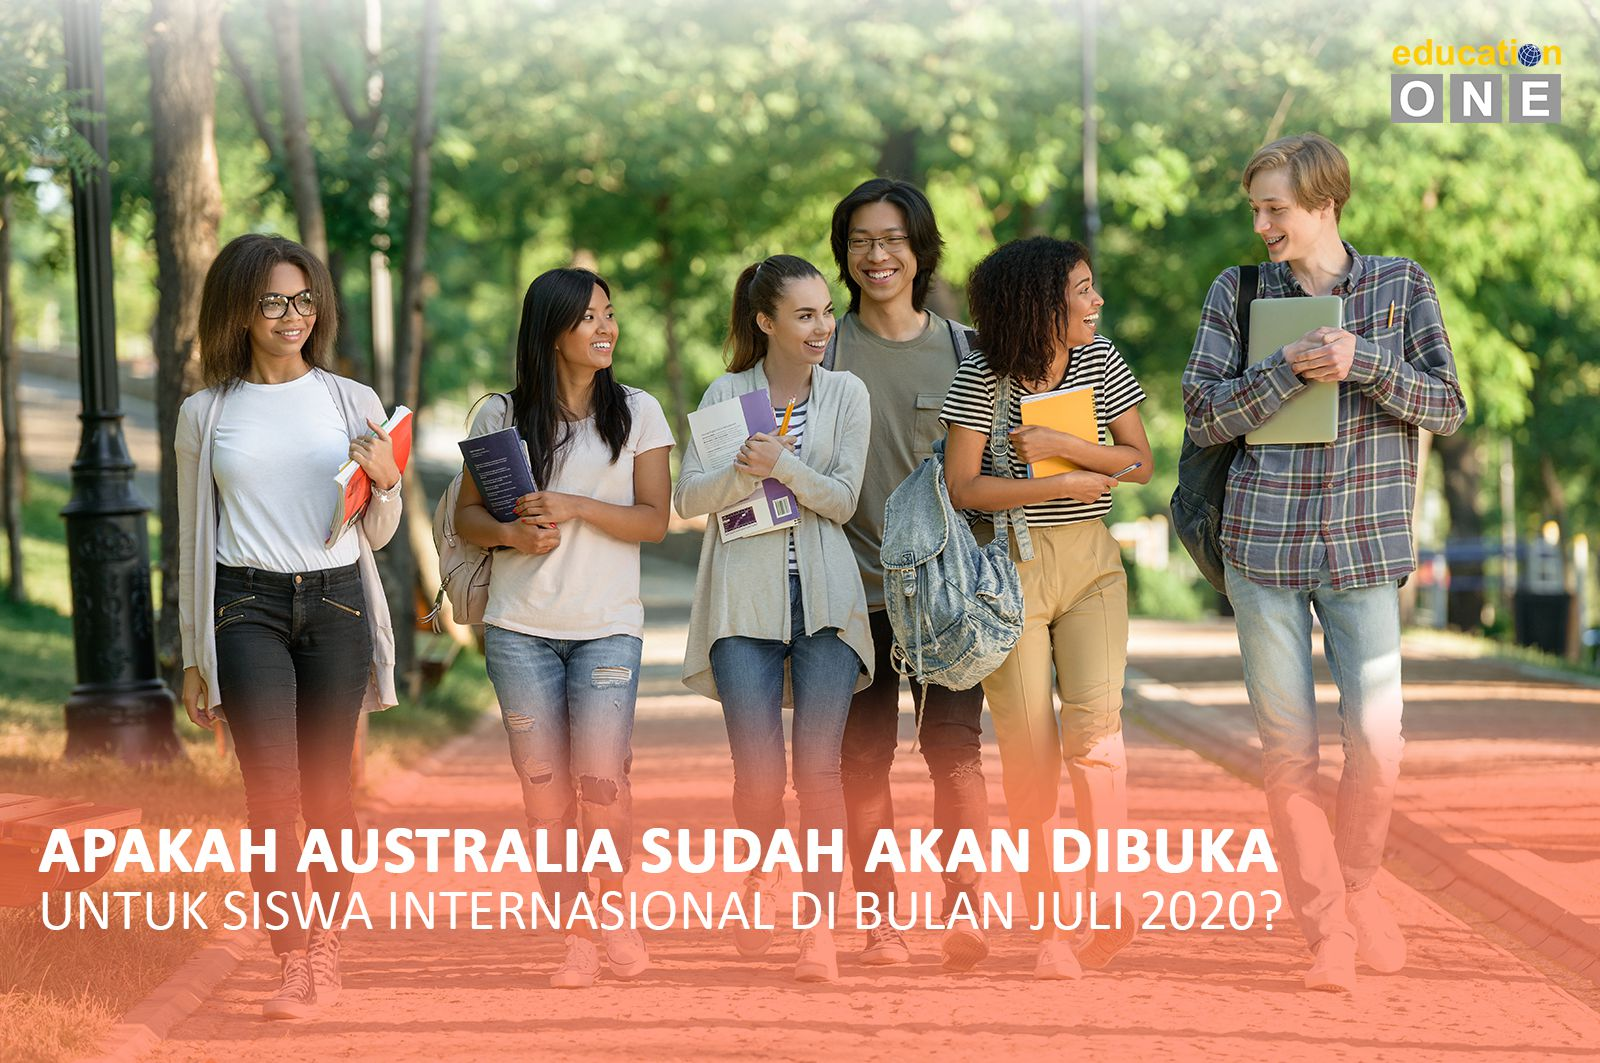 Australia sudah akan dibuka untuk siswa internasional di bulan Juli 2020